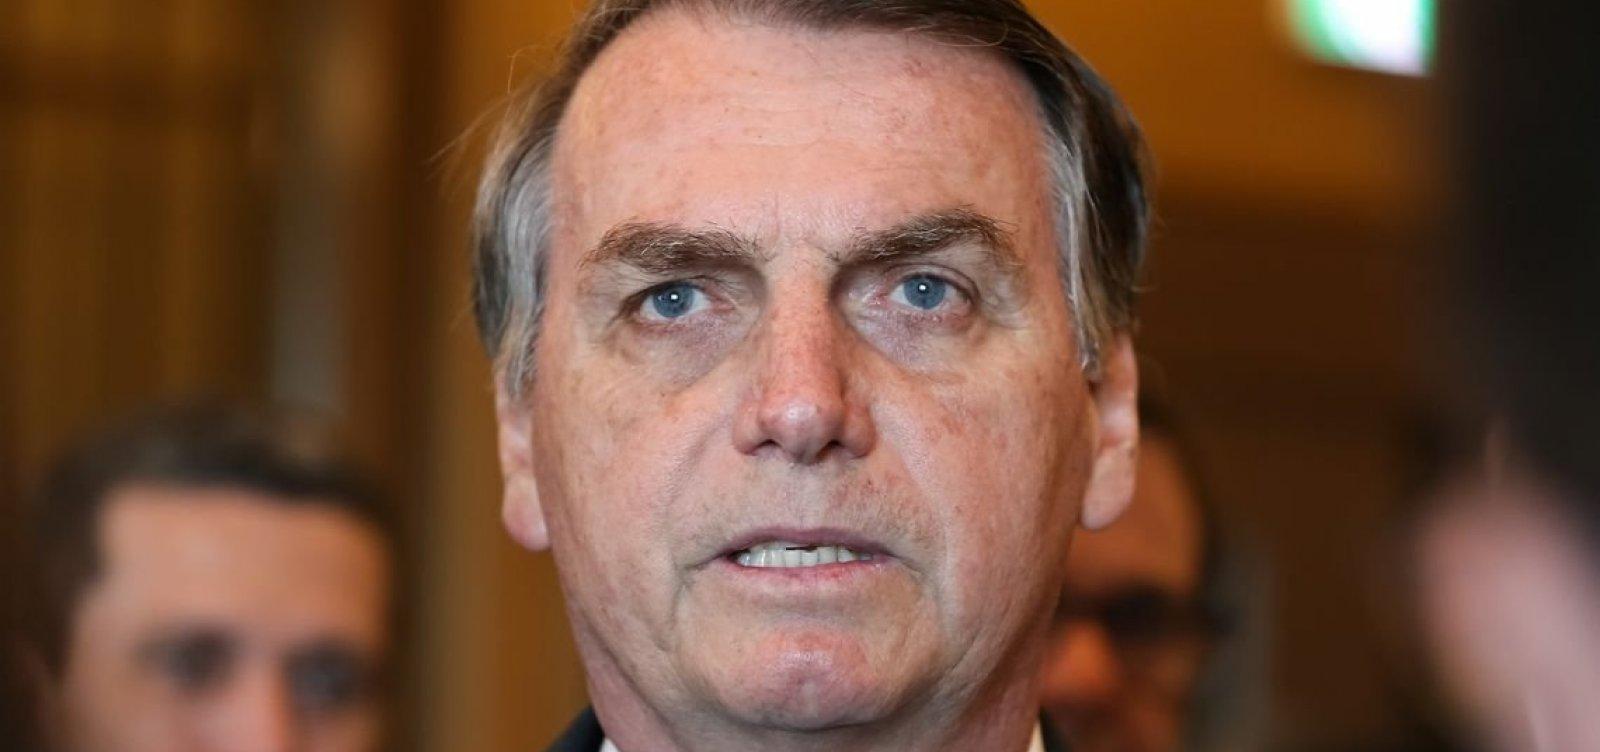 [Caso Marielle: apuração demorou 11 meses para expor menção à casa de Bolsonaro]